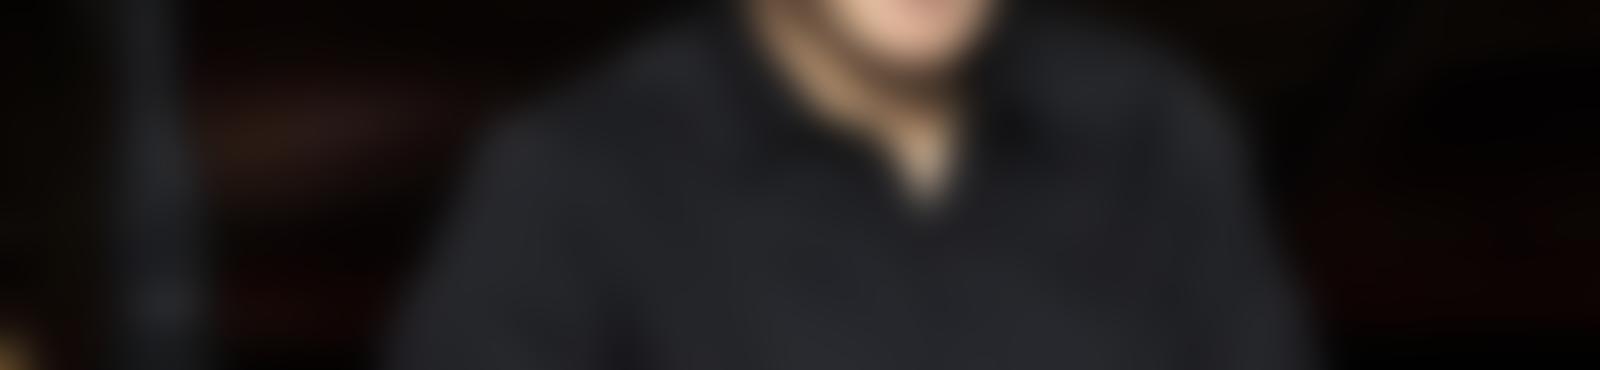 Blurred bef64ef1 5d99 44d5 aed4 0a8d82fb294c